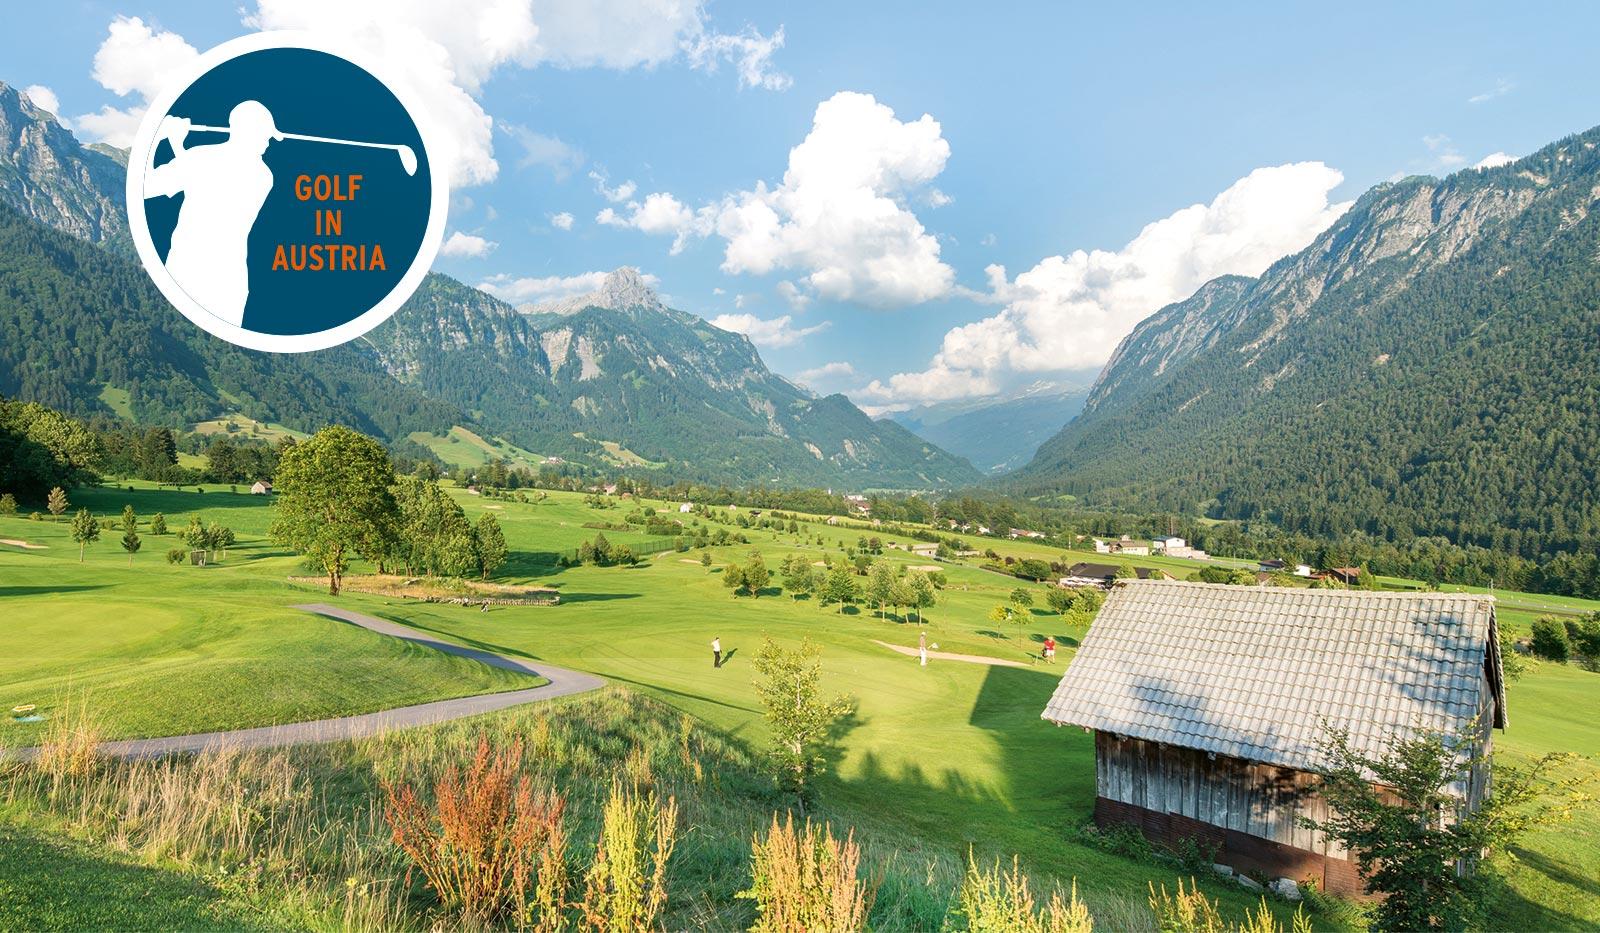 Bludenz Braz Matthias Rhomberg - Golf in Austria – Golfprofis für Euren Golfurlaub in Österreich